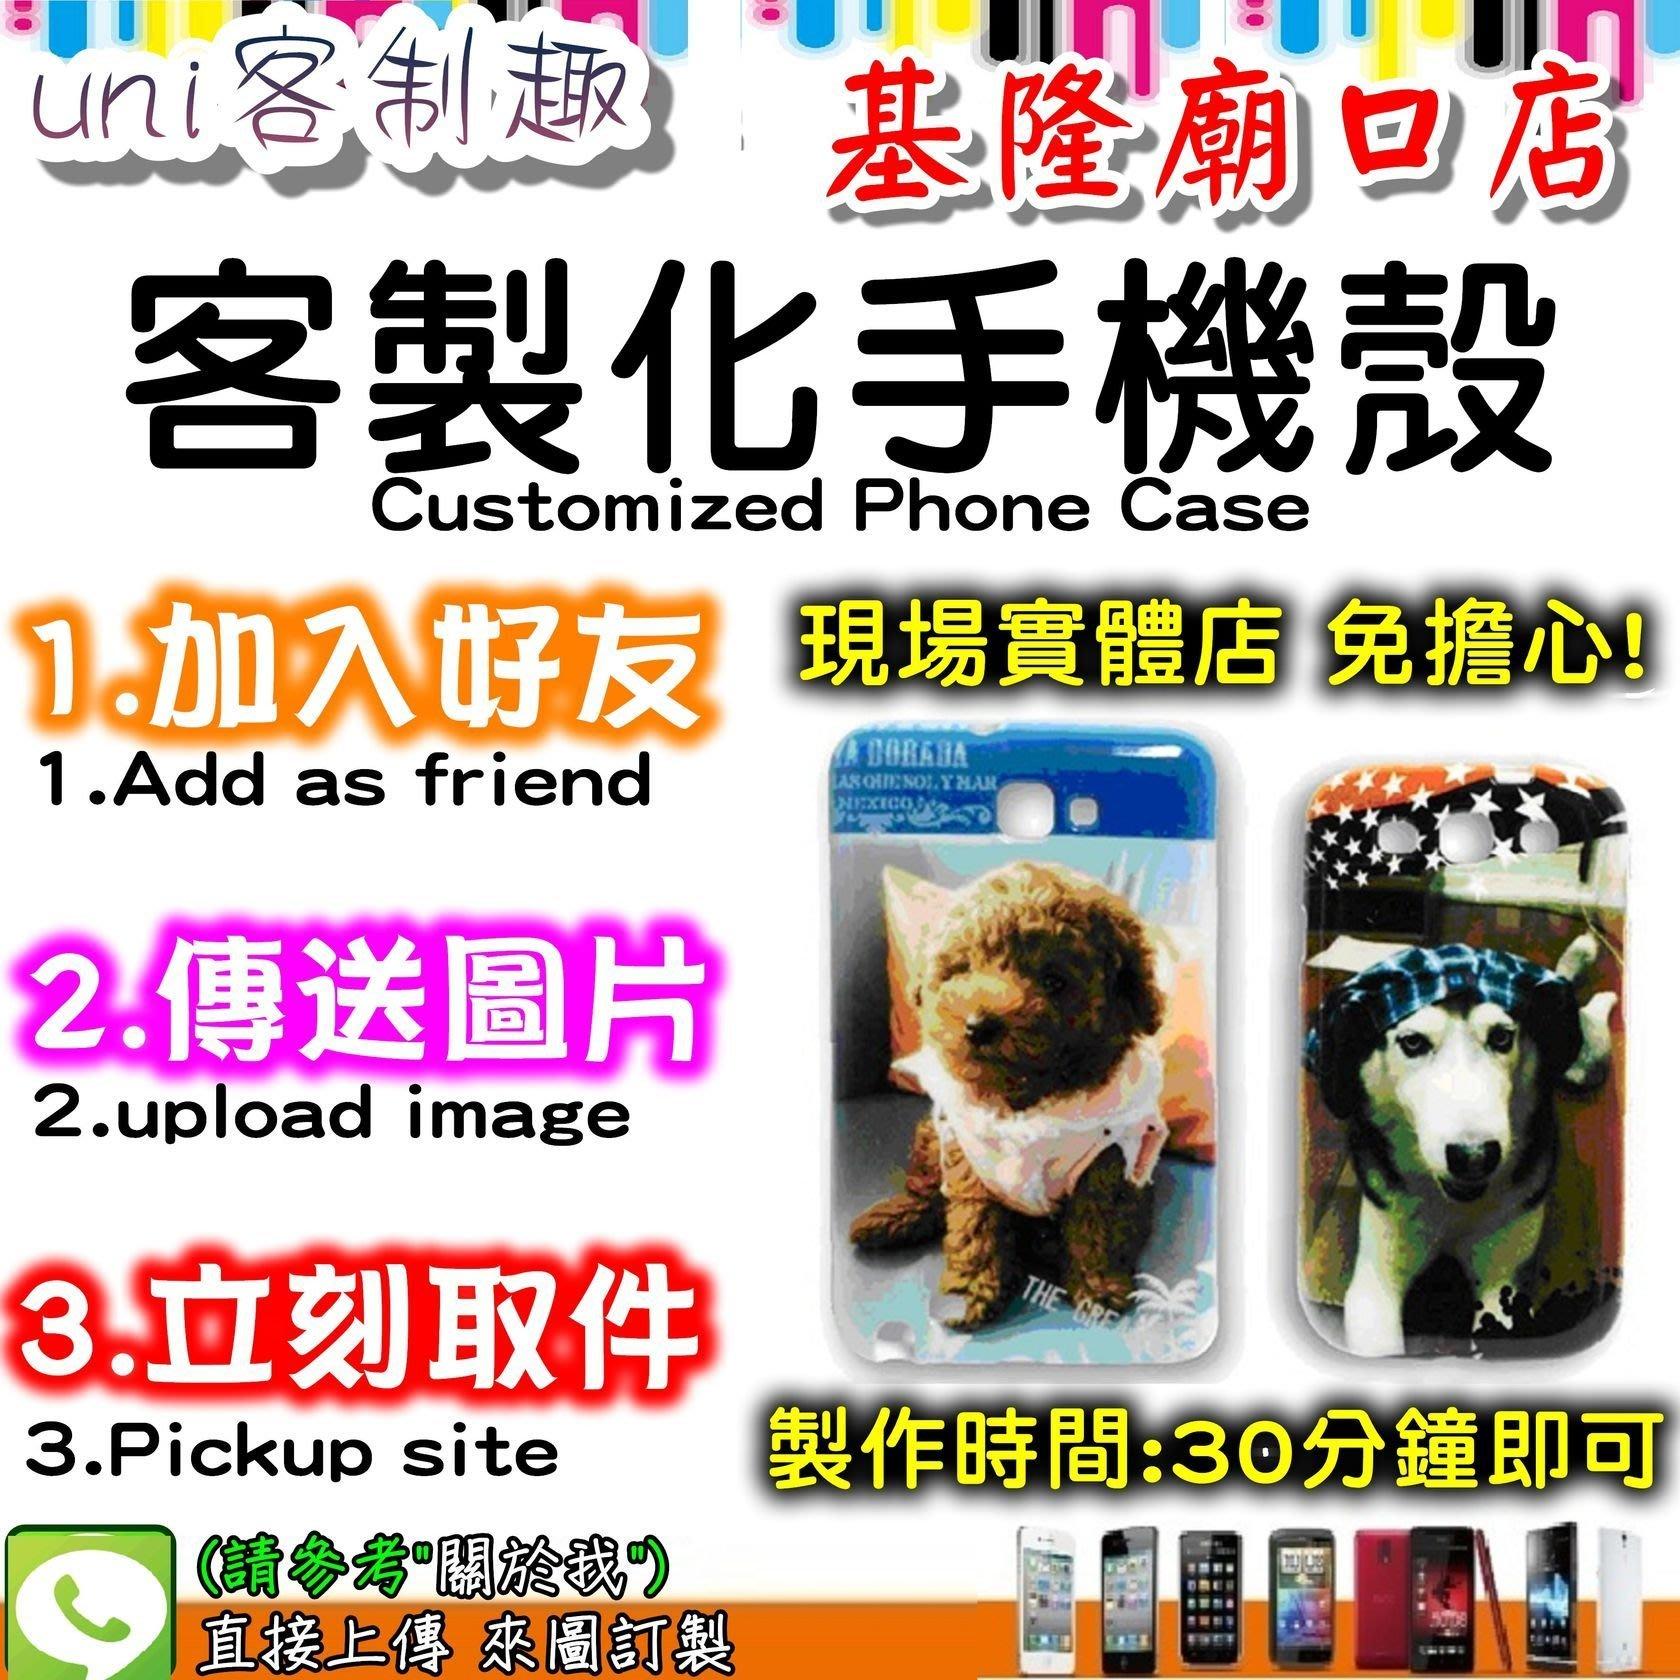 《不用等》蘋果~iPhone 8(i8).iPhone X(iX)~訂製客製化手機殼.空壓殼.玻璃殼《uni客制趣》